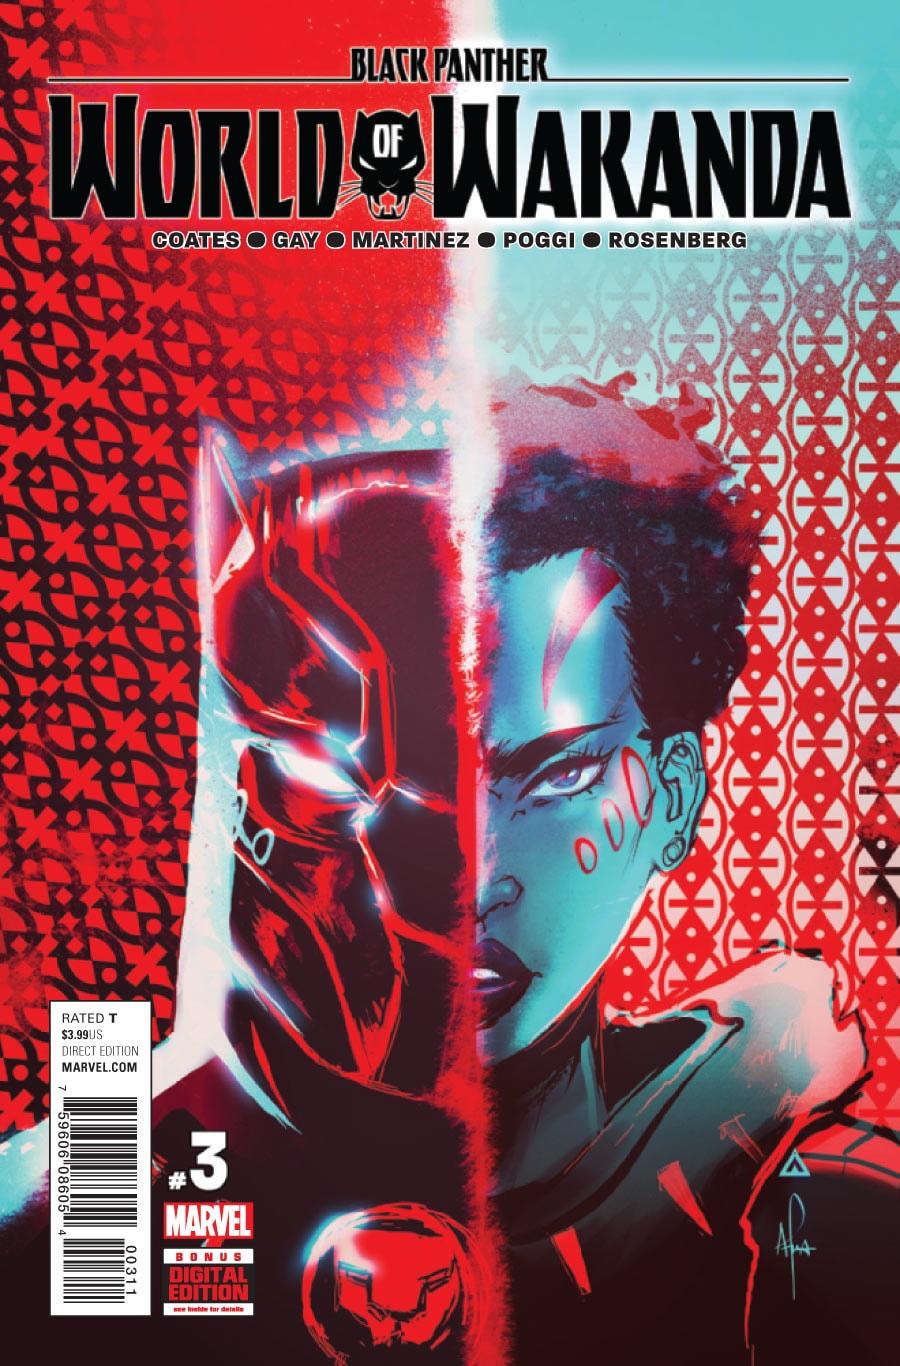 Black Panther: World of Wakanda Vol 1 3